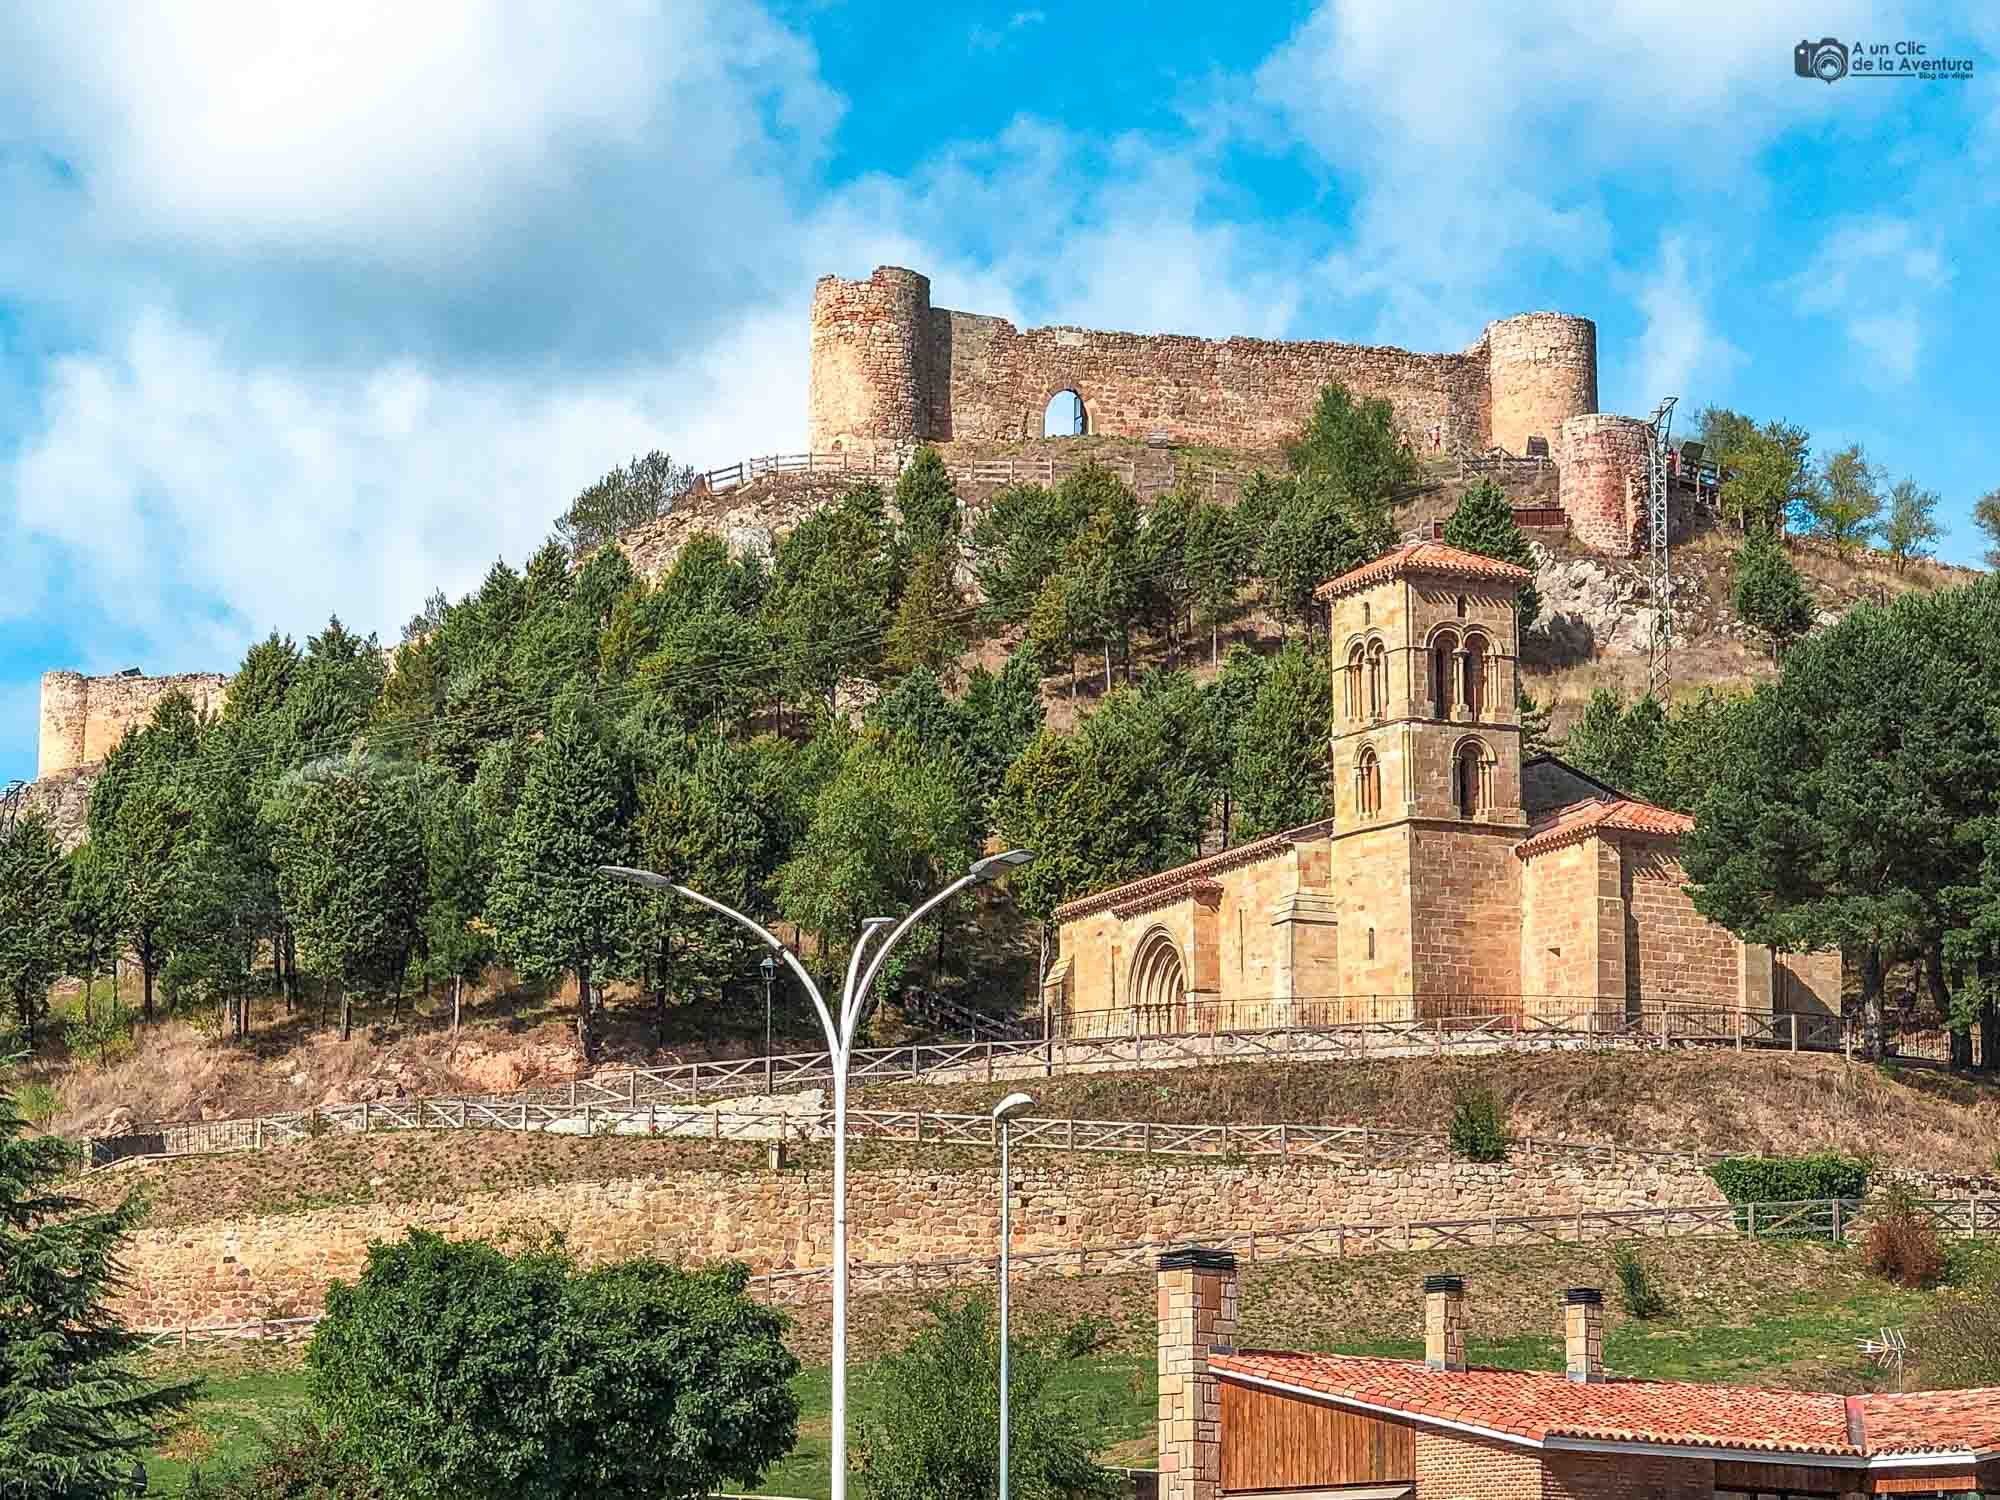 Castillo e iglesia de Santa Cecilia, en Aguilar de Campoo